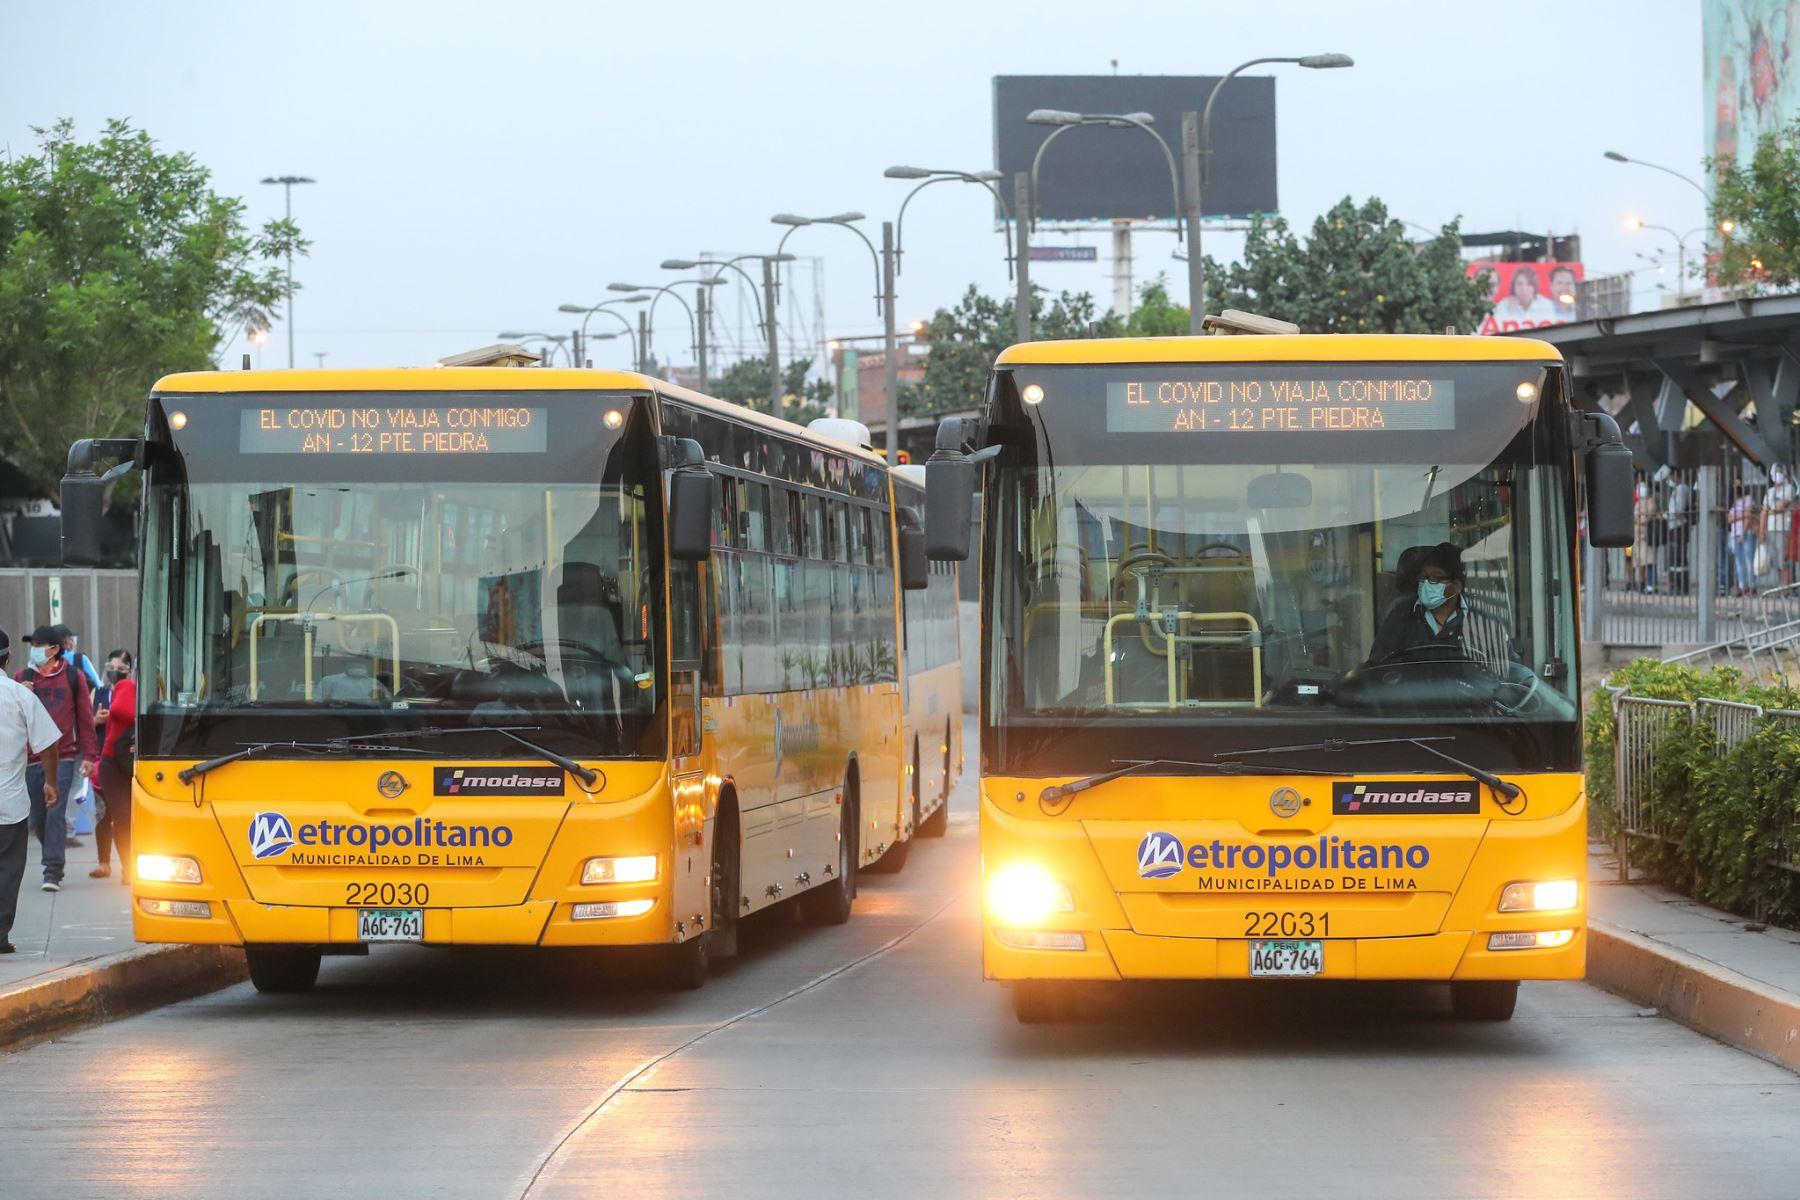 Los taxis autorizados podrán brindar el servicio las 24 horas. Foto: ANDINA/difusión.